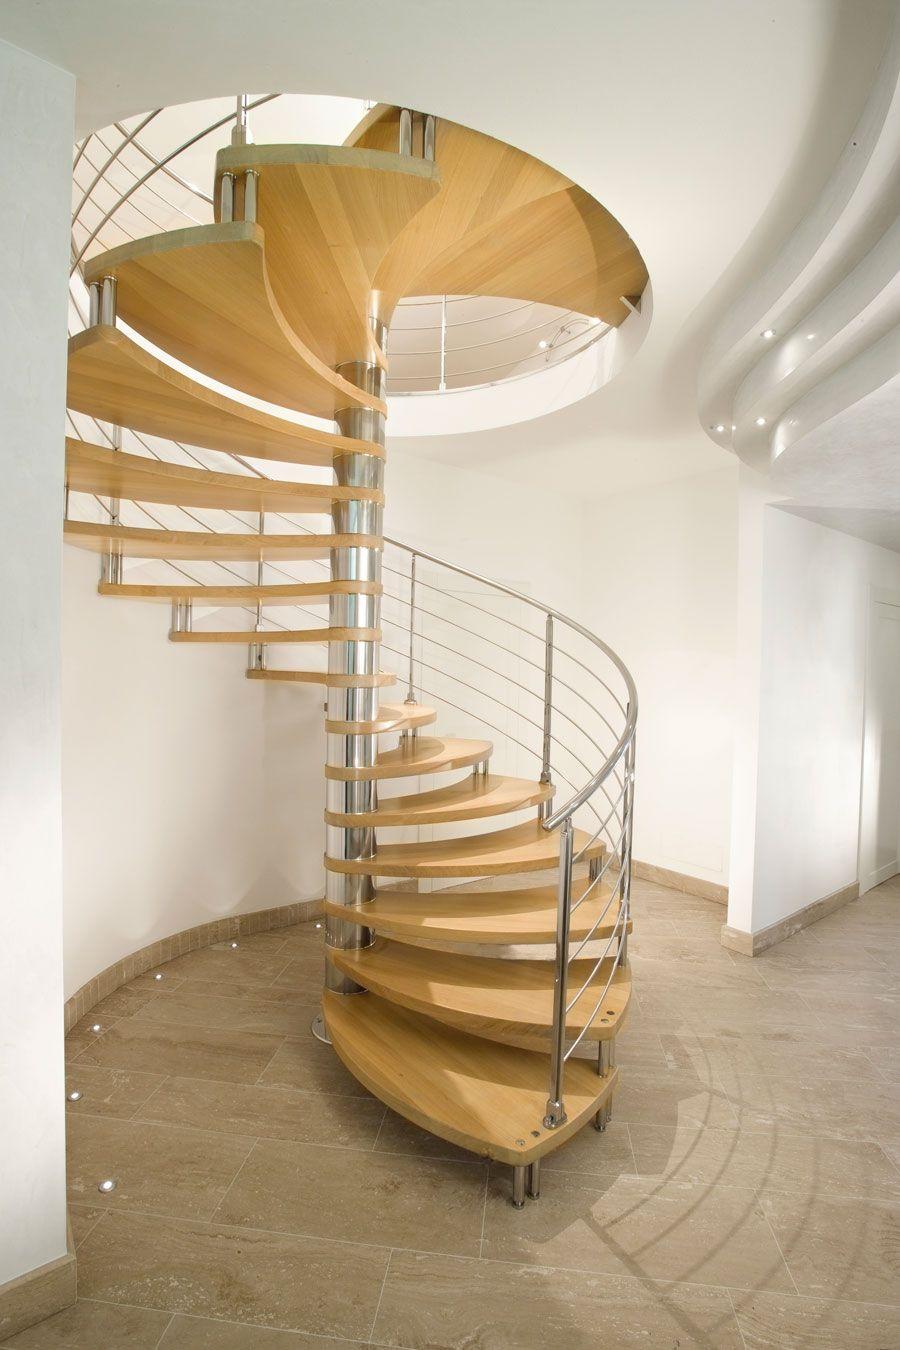 escaleras de diseo escaleras para interior de la firma italiana marretti escaleras de caracol